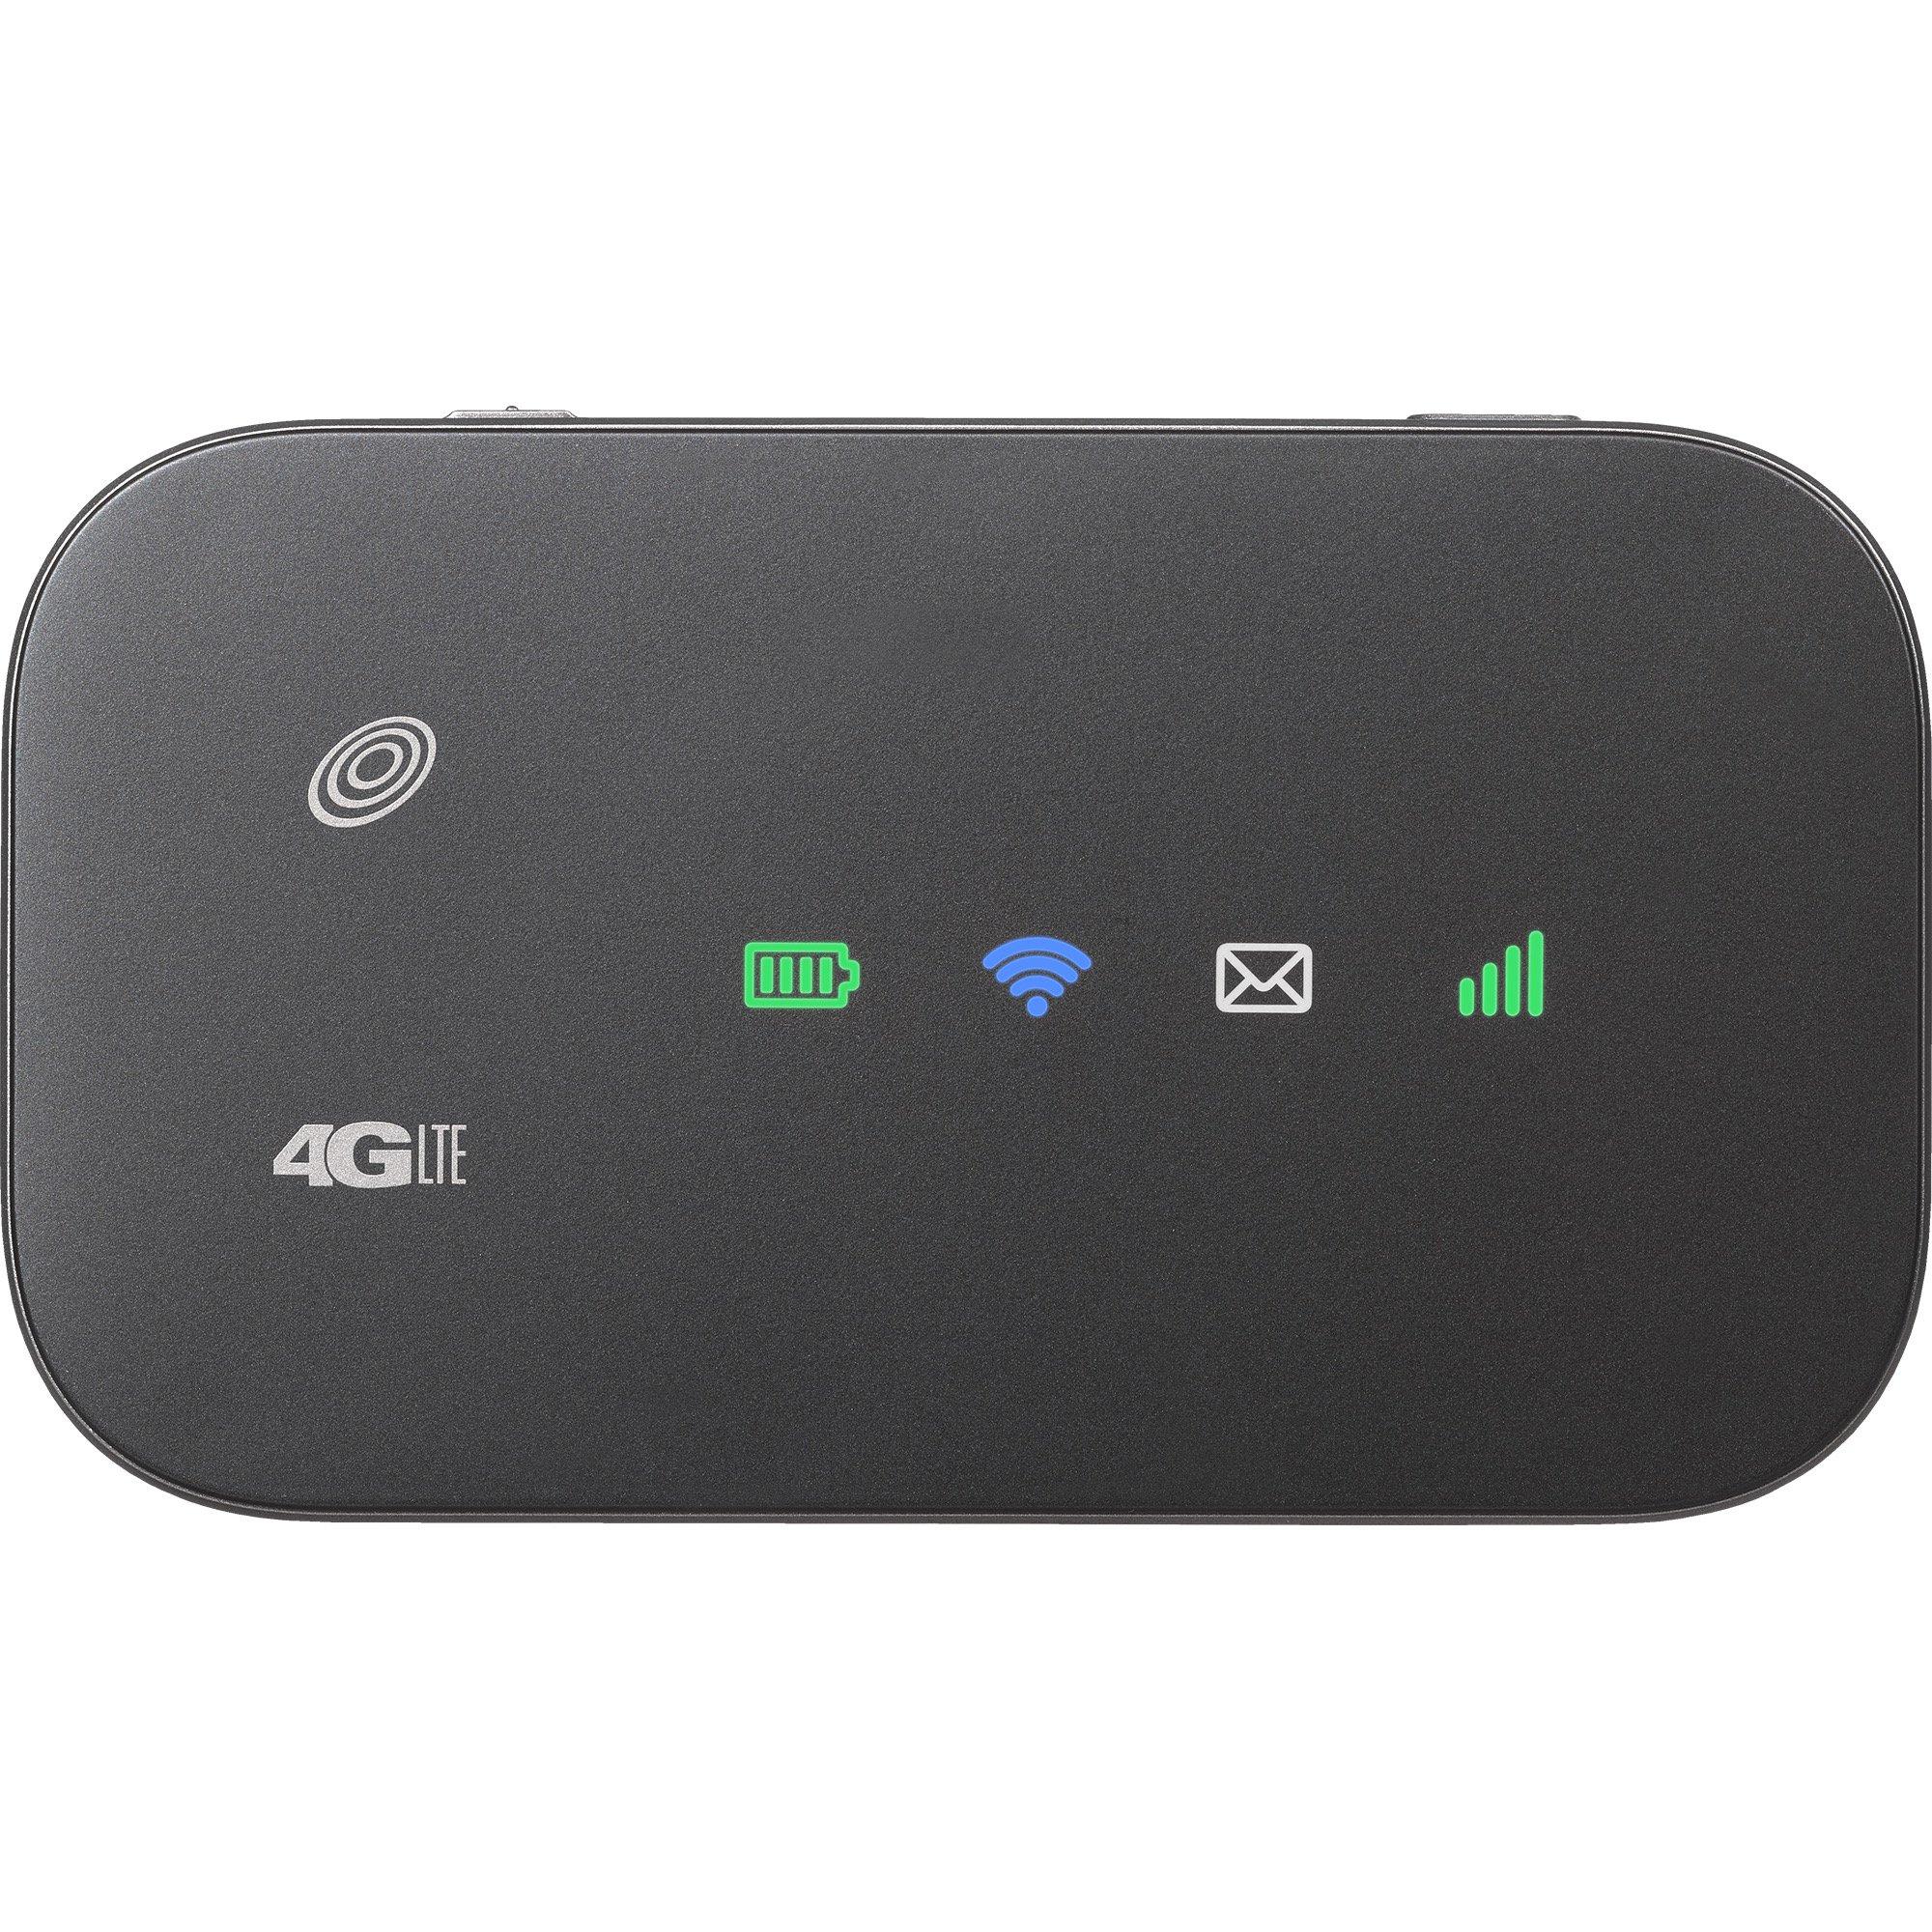 Simple Mobile Z291 Hotspot Prepaid Carrier Locked - Inch Screen - 0GB - Black (U.S. Warranty)